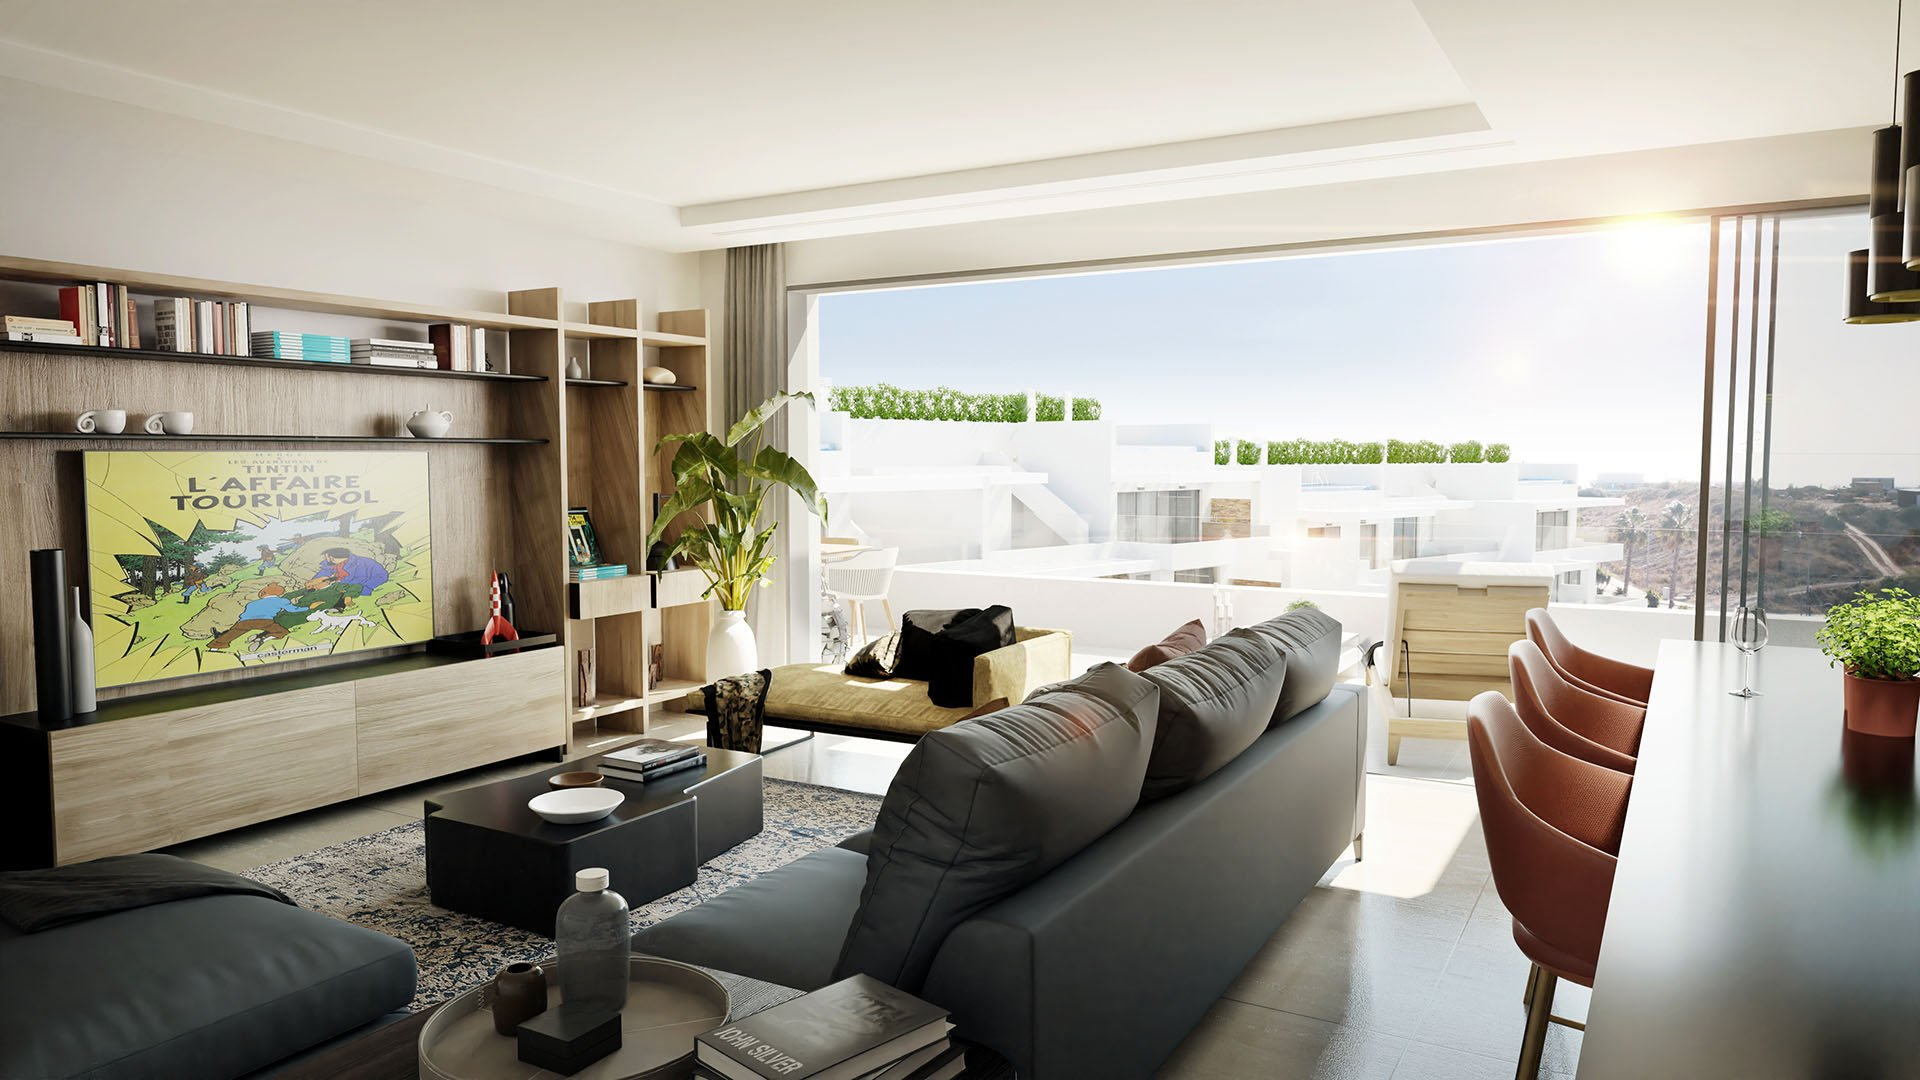 Costafiore Gardens: High-quality apartment in Estepona close to the harbour